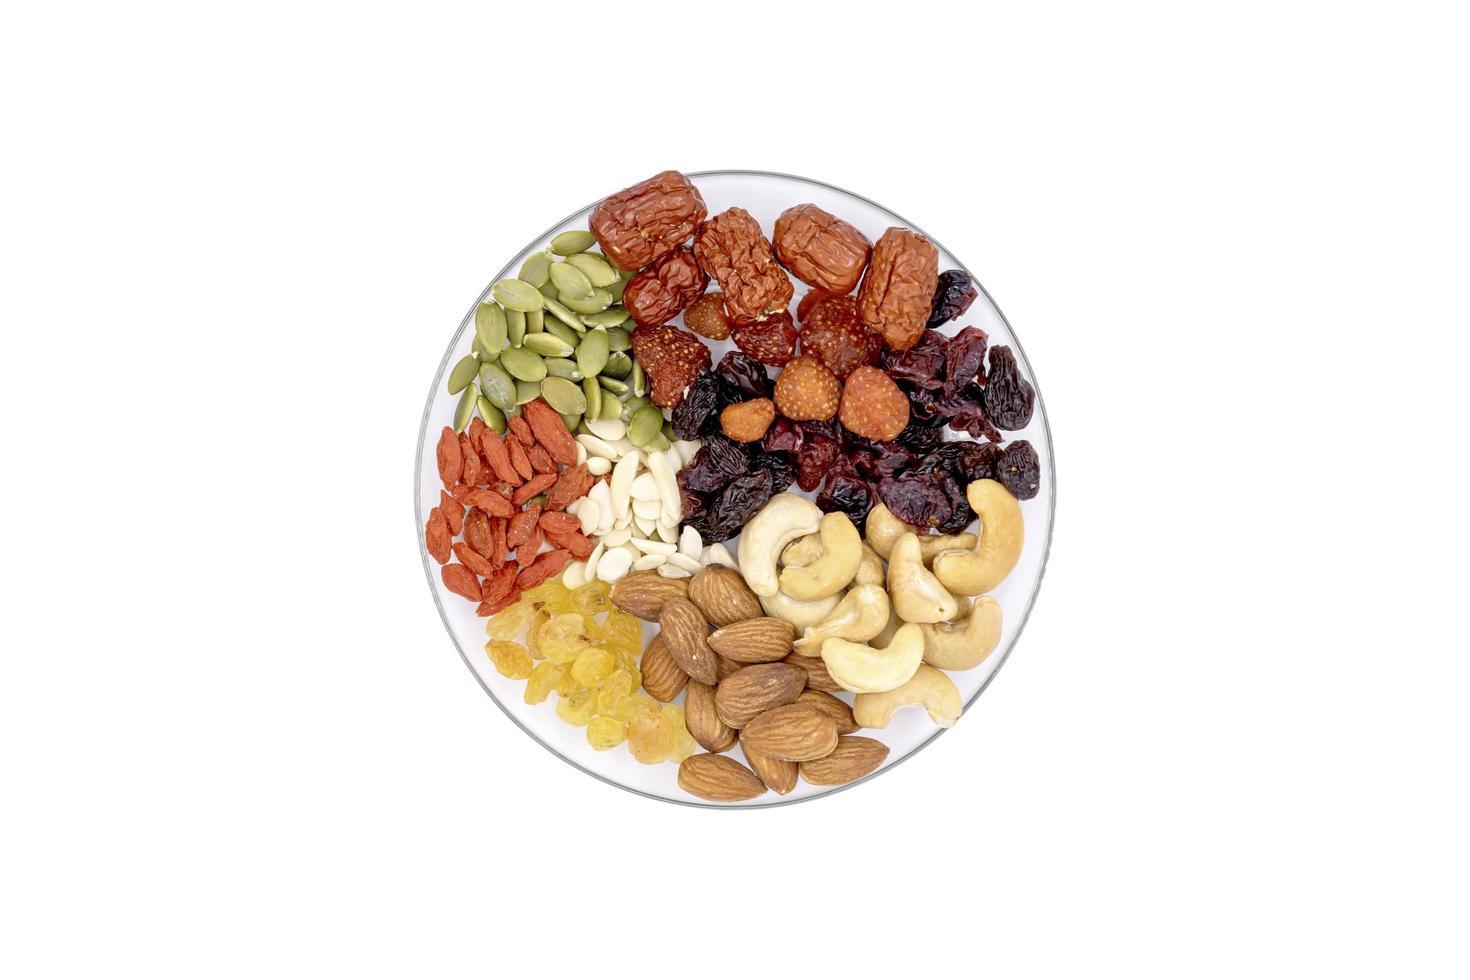 grupo de vista superior de cereales integrales y frutos secos en una placa de vidrio. foto